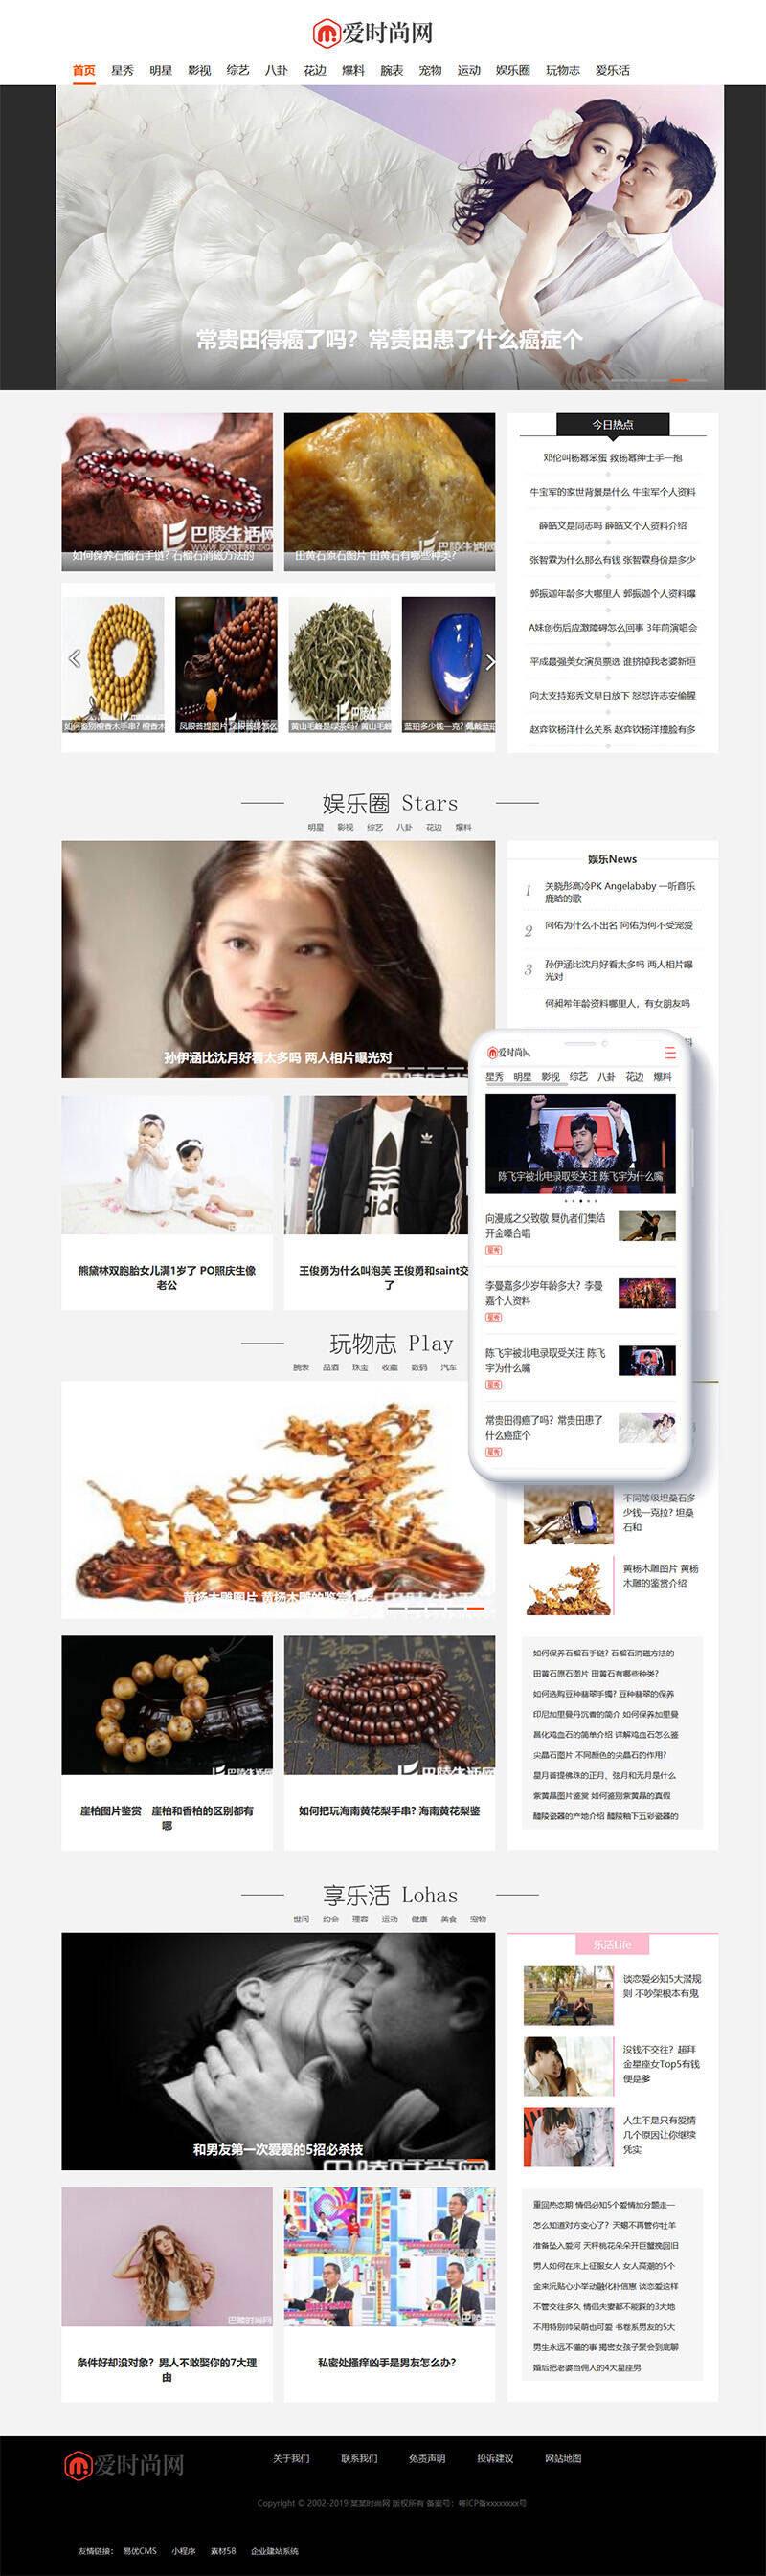 爱时尚新闻资讯网站源码 织梦dedecms网站模板 带手机移动端